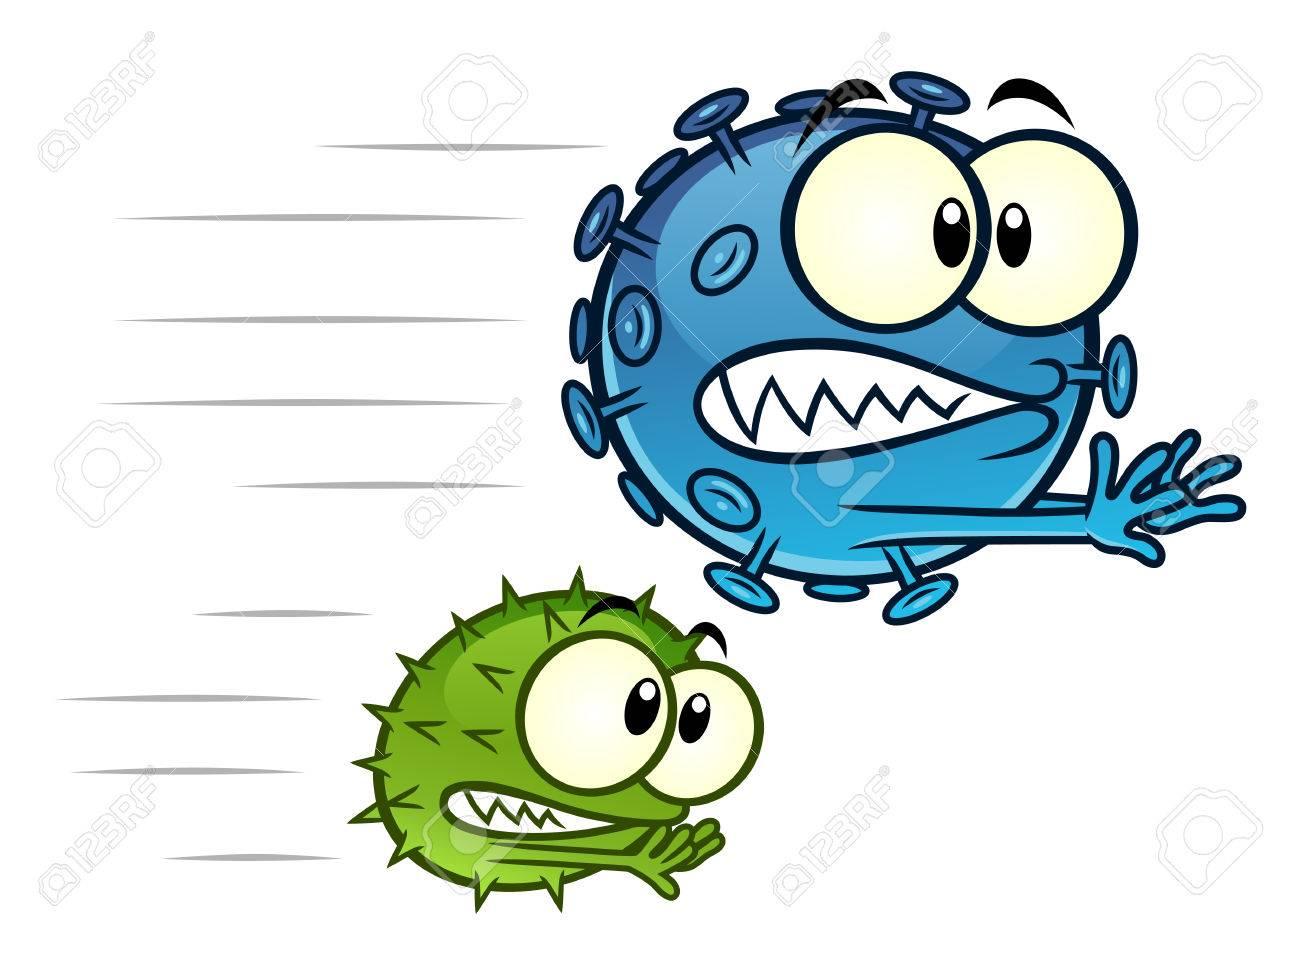 Viruses running away - 84356190